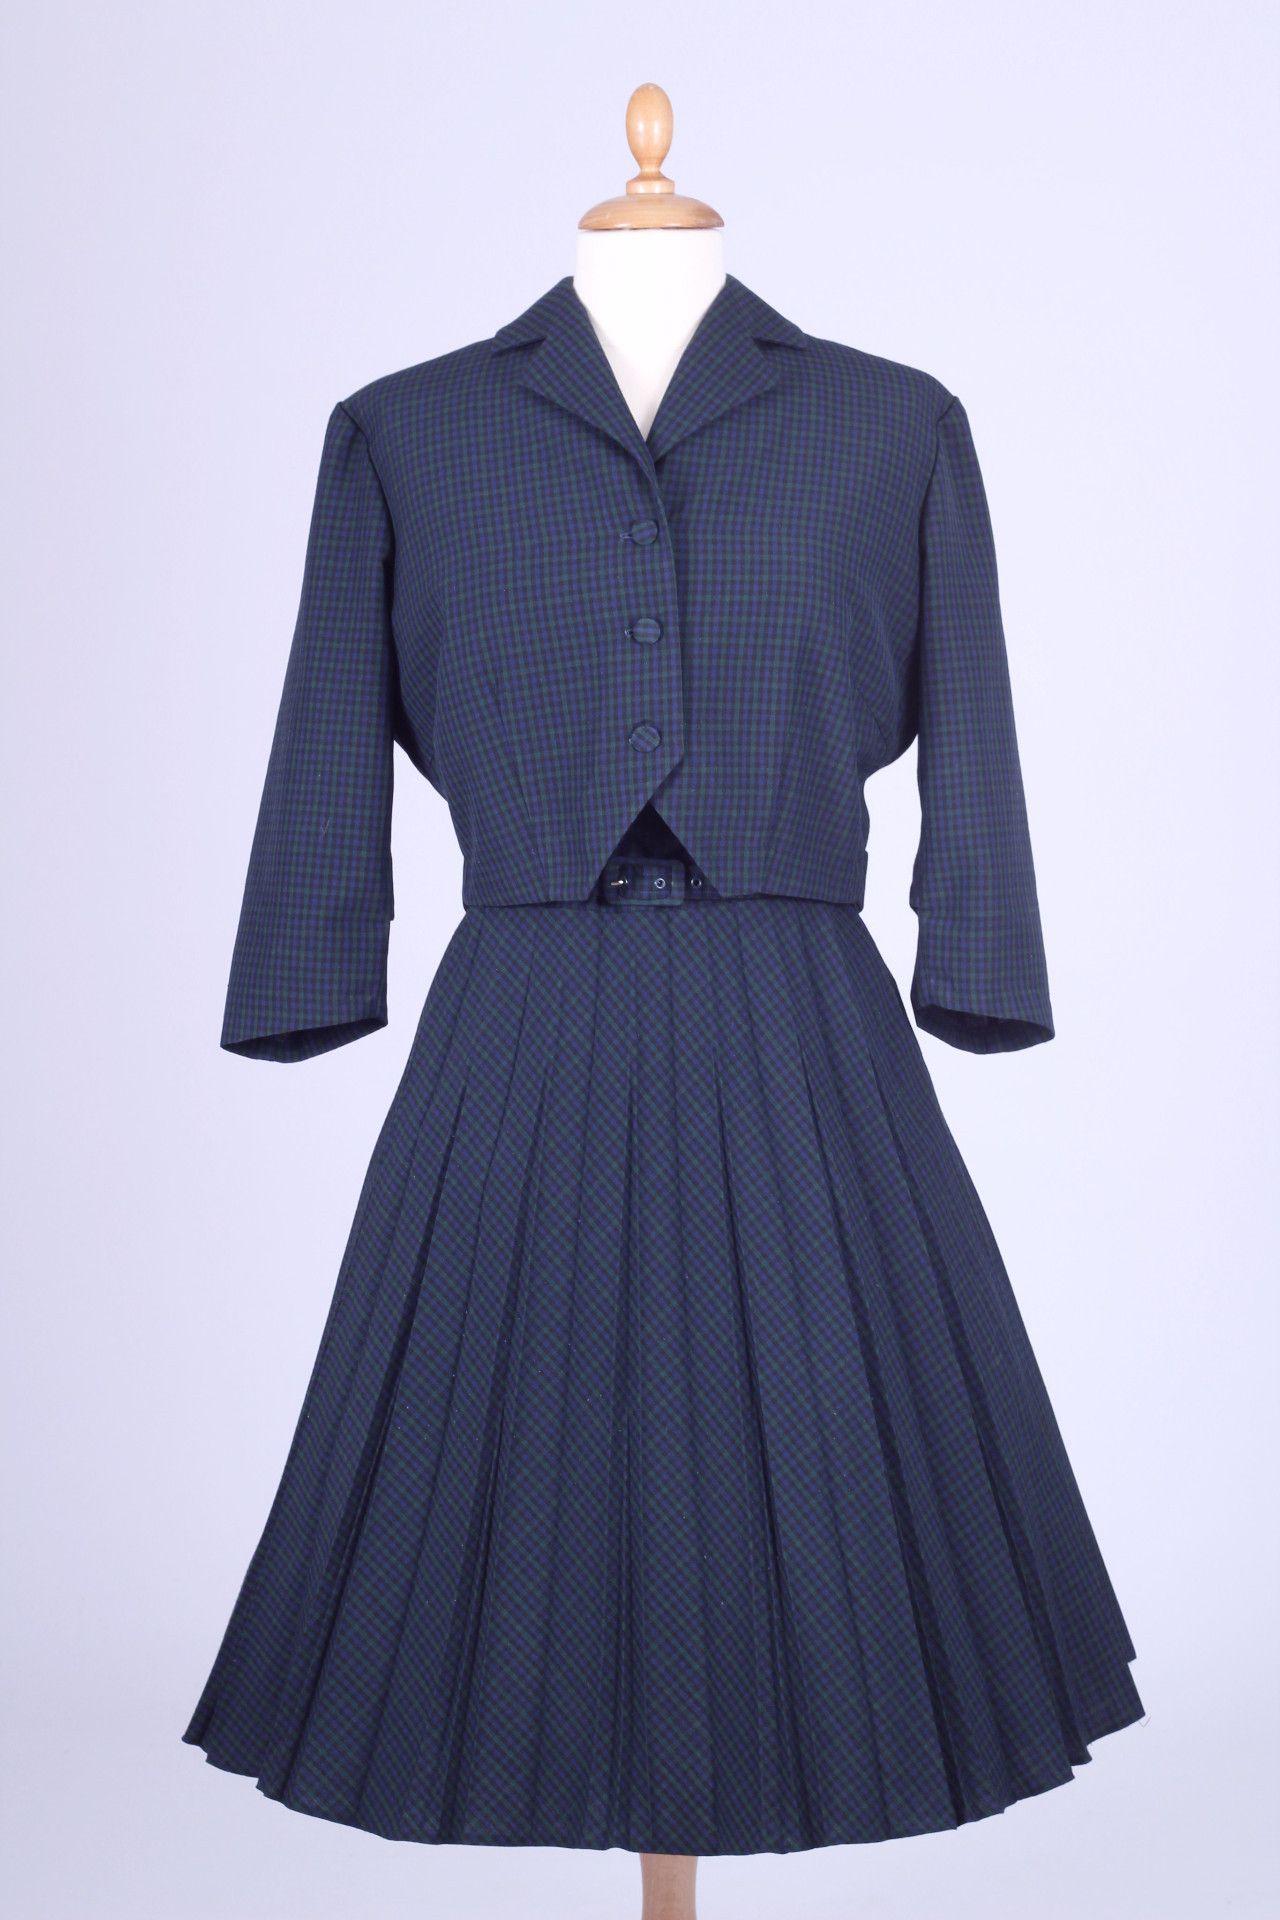 Vintagekjoler Divine Kjole 800 M Terylene Kr Jakke Mm Vintage xqSOC